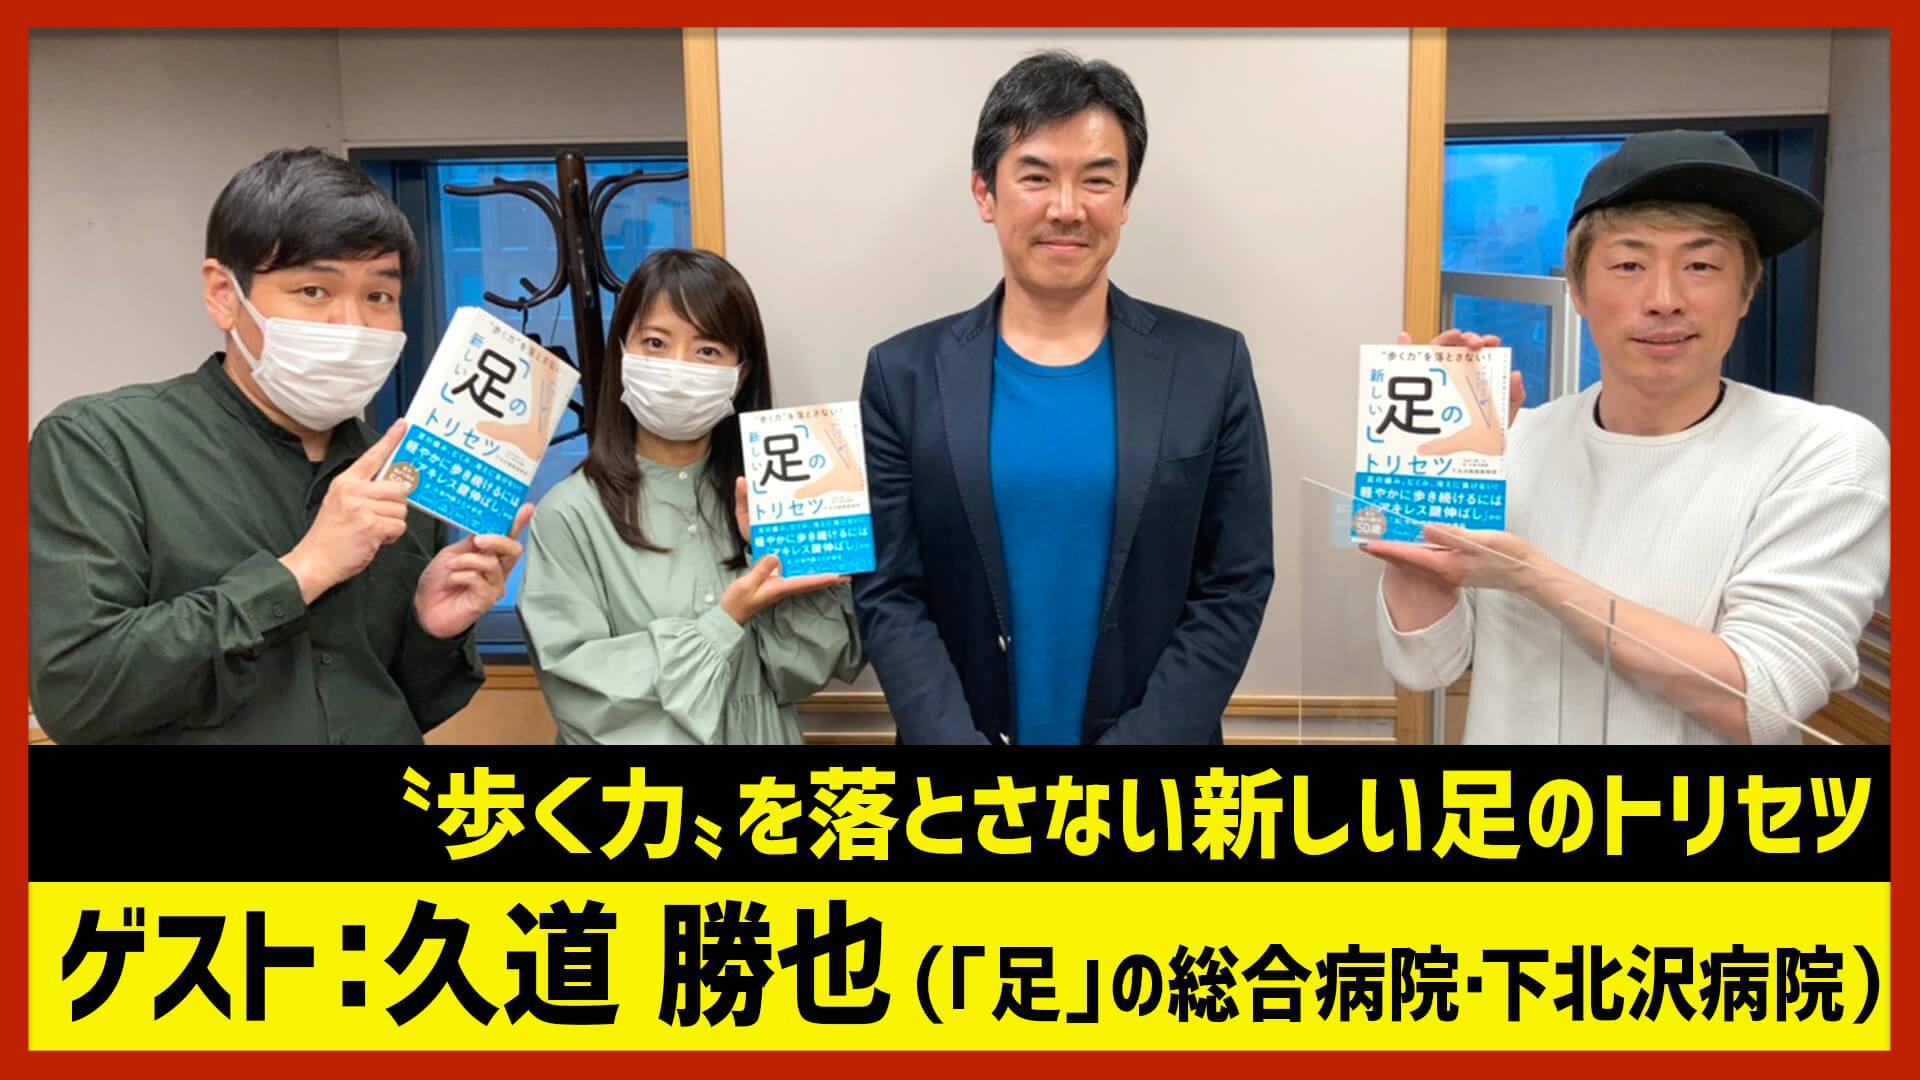 【田村淳のNewsCLUB】ゲスト: 久道勝也さん(2021年3月13日後半)